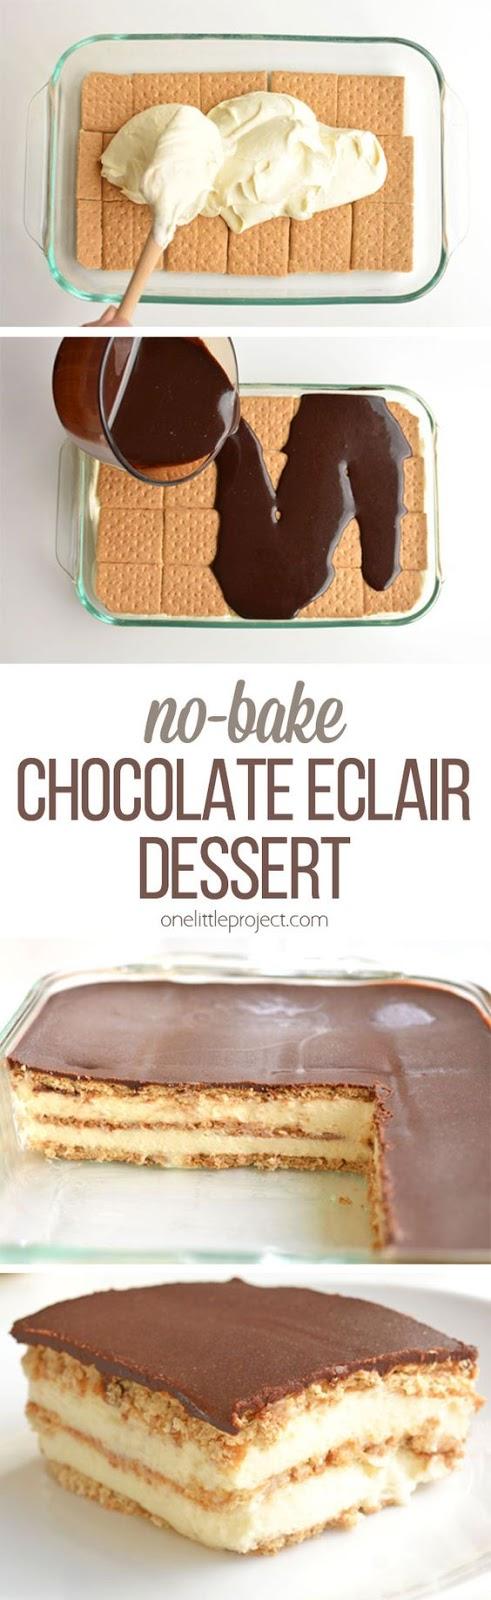 No-Bake Chocolate Eclair Cake | GIRLS DISH